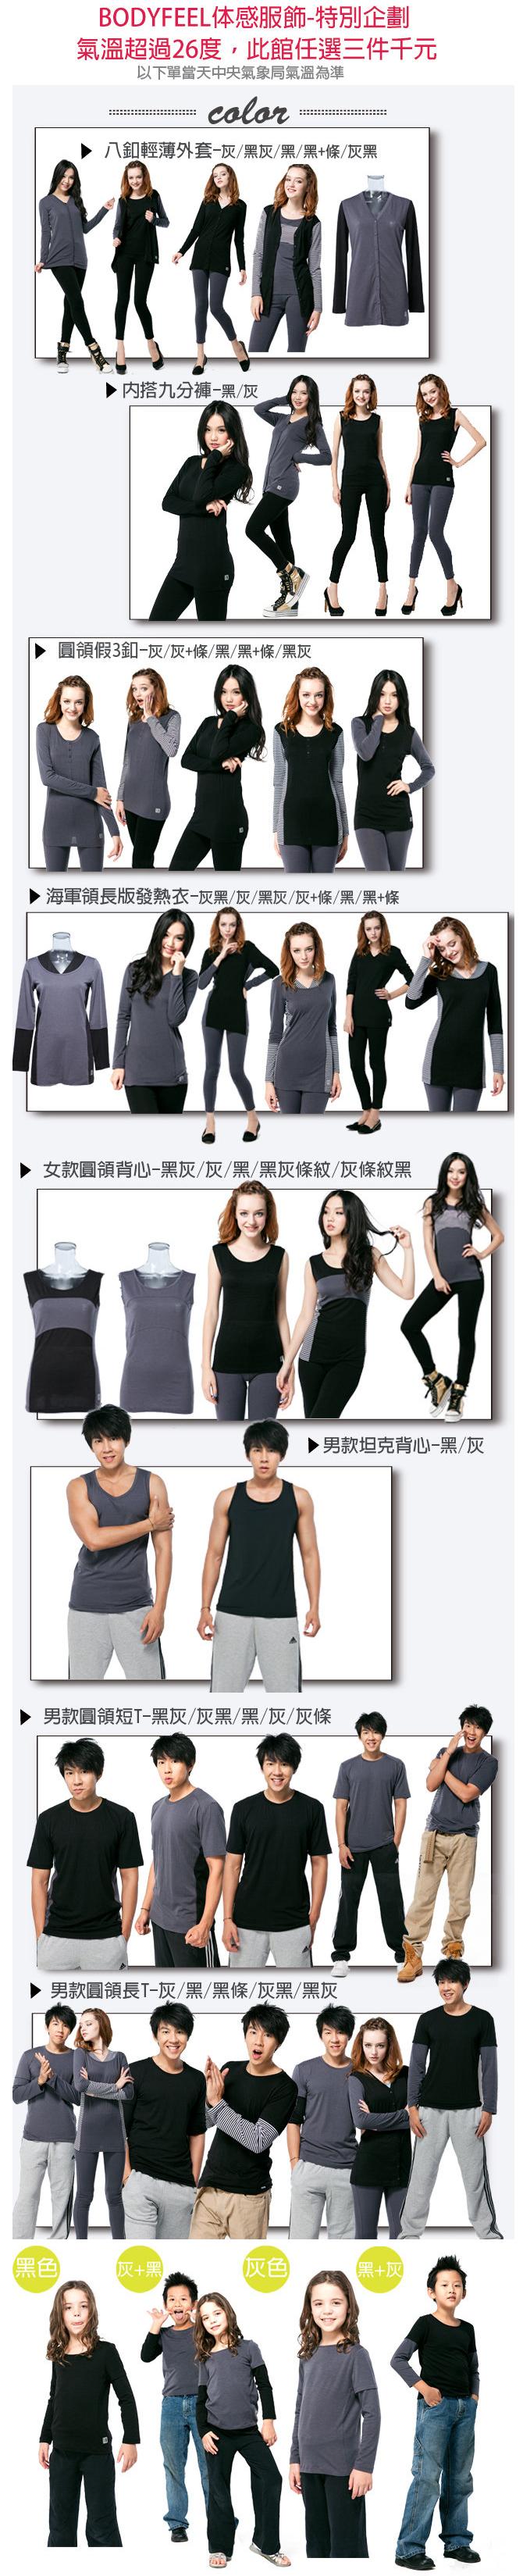 BODYFEEL体感服飾(PChome Online 商店街) -氣溫超過26度C 全館回饋BF服飾任選3件千元搶購活動開跑